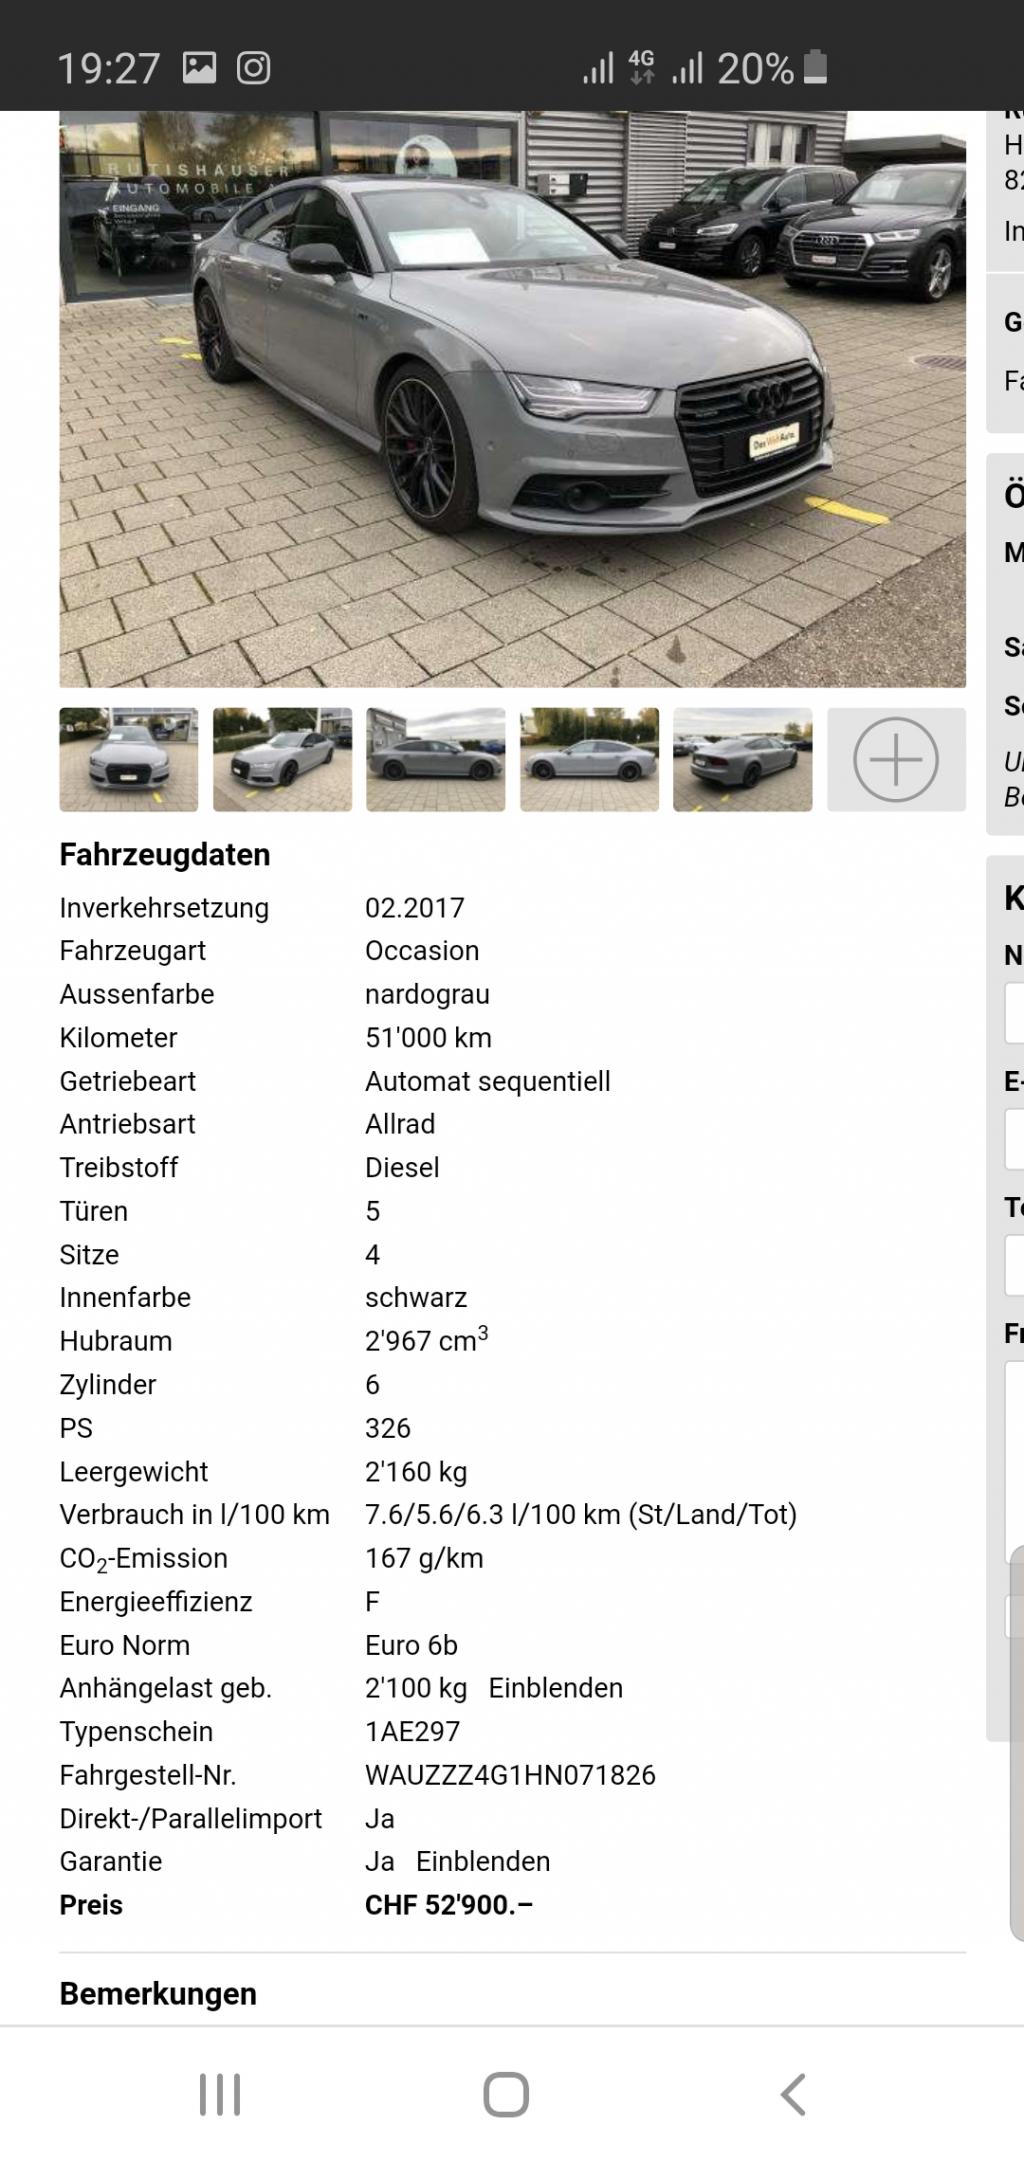 genosenese - Auto24de мошенники су*и